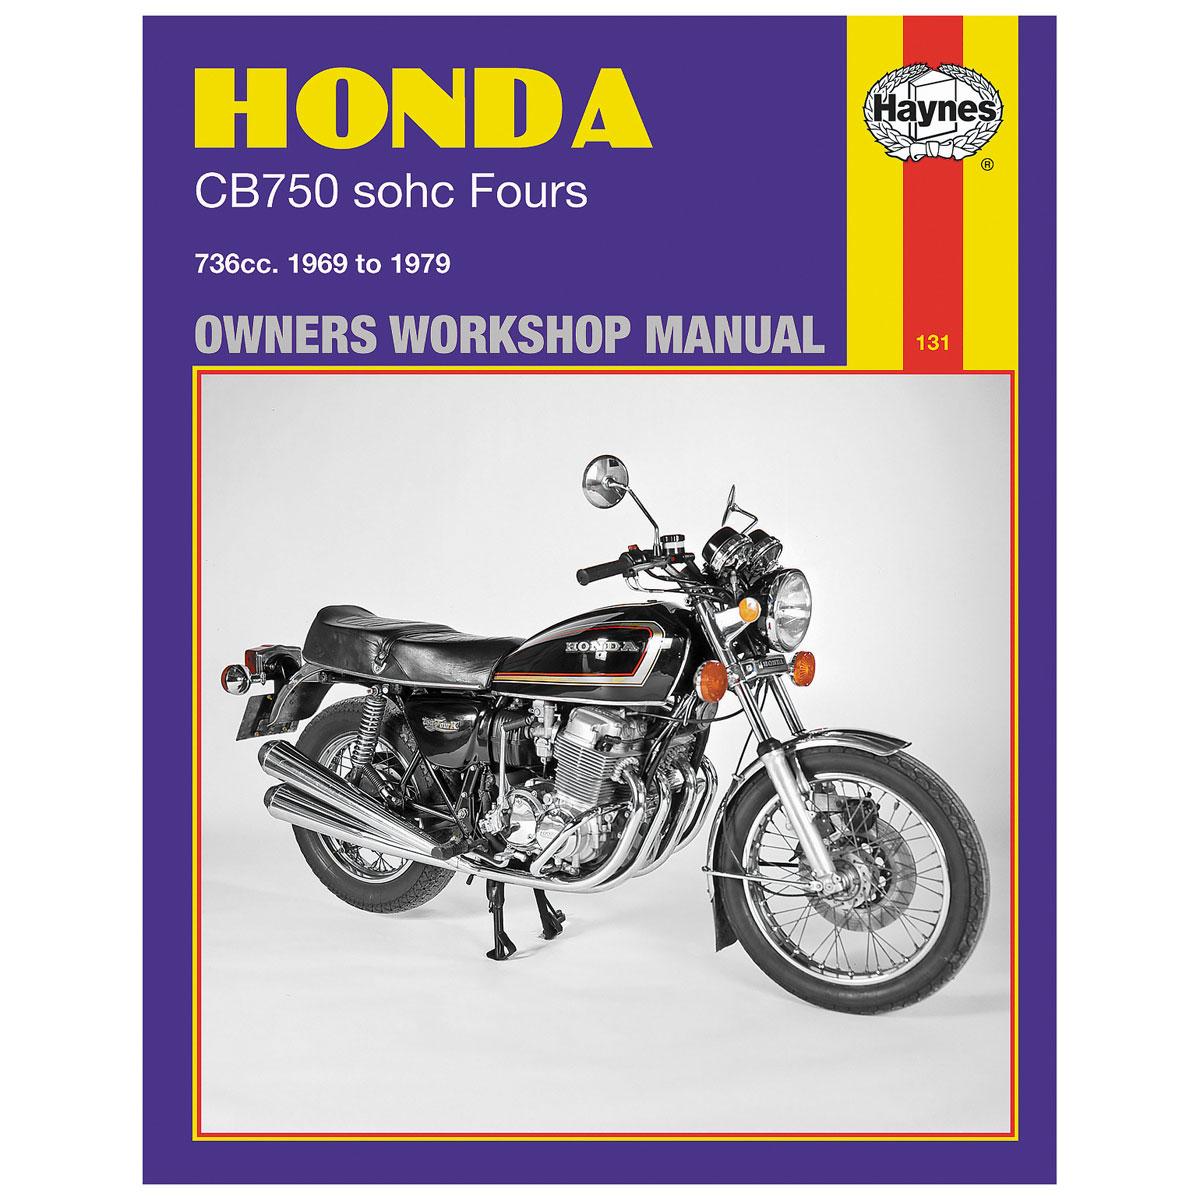 Honda Owners Manual >> Haynes Honda Repair Manual M131